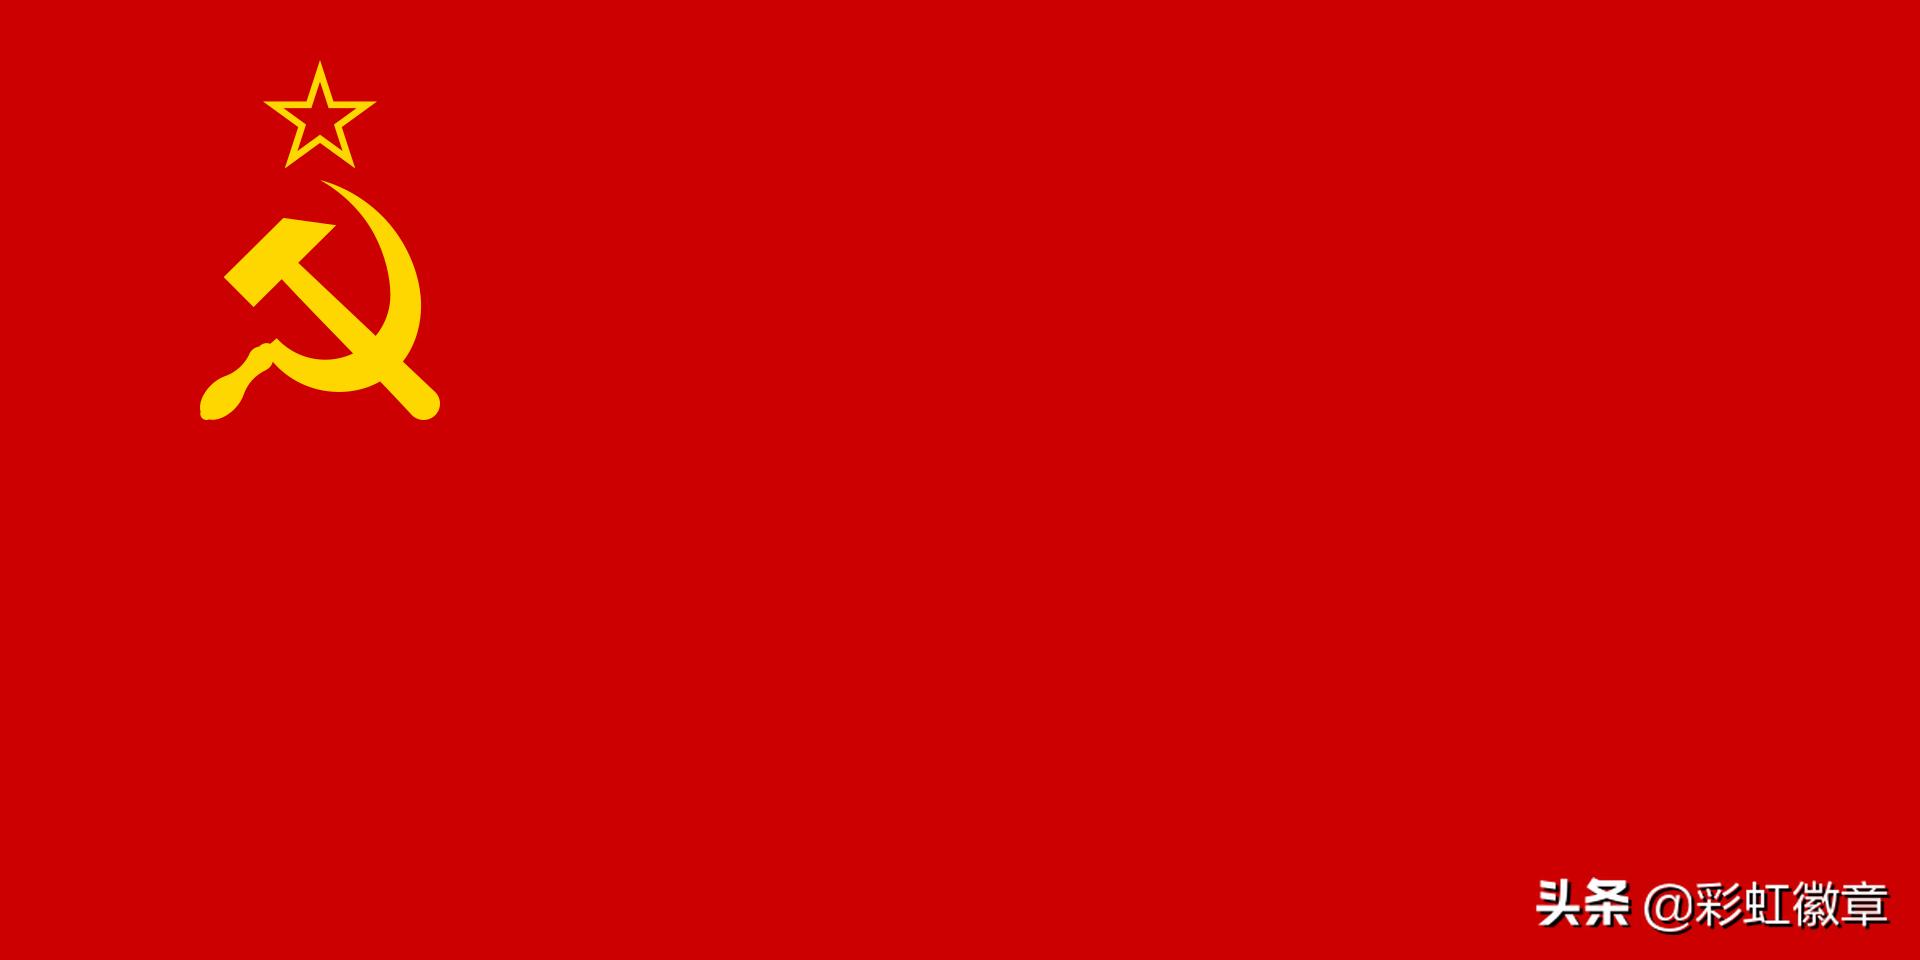 原来前苏联是这样的一个国家,终于搞懂了(徽章看历史)